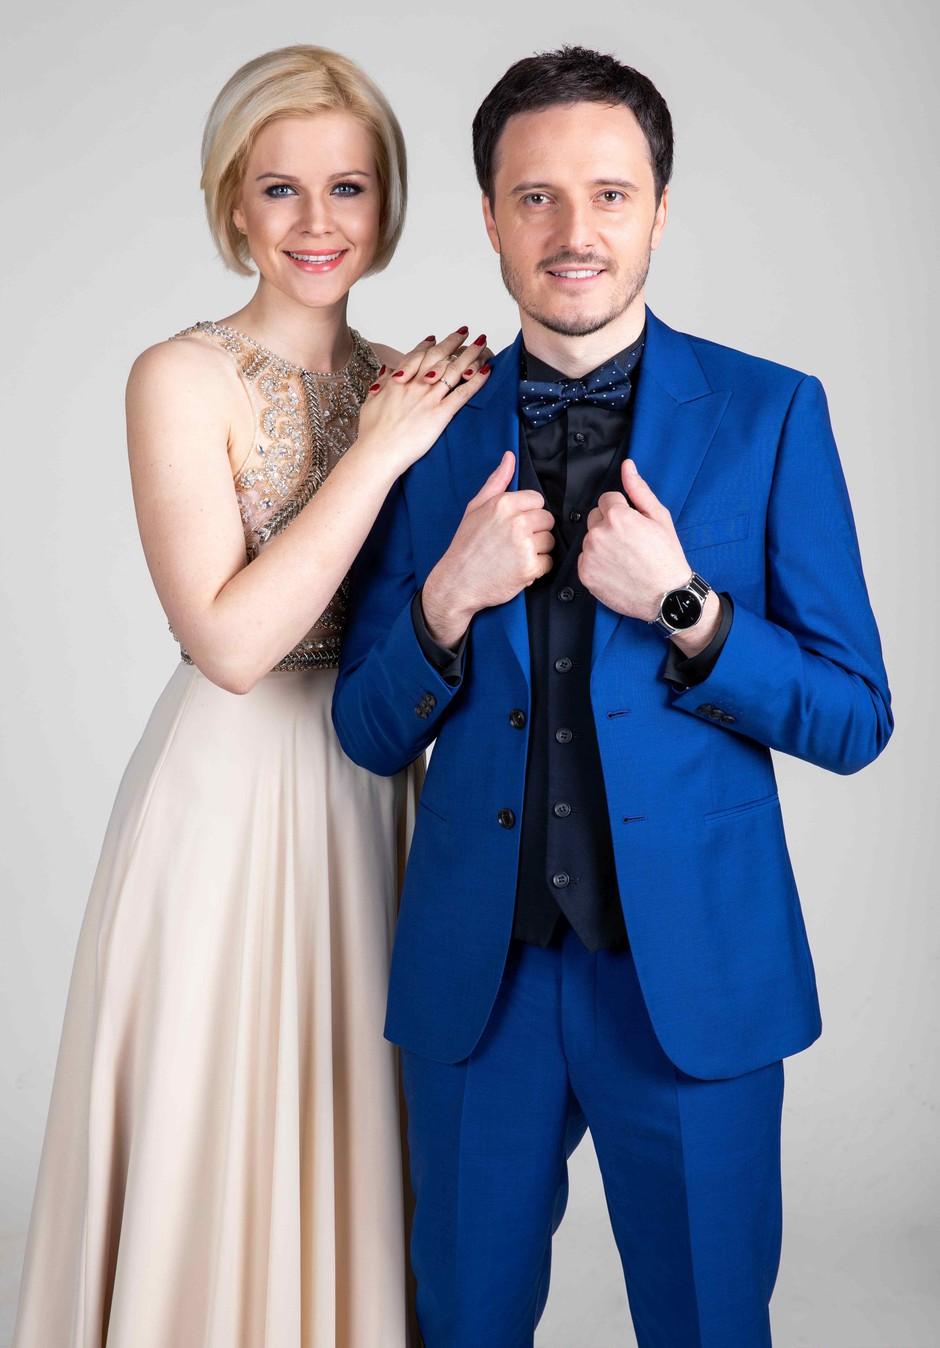 Po dolgi pavzi se na televizijo vračata Darja Gajšek in Blaž Švab (foto: Adrian Pregelj)